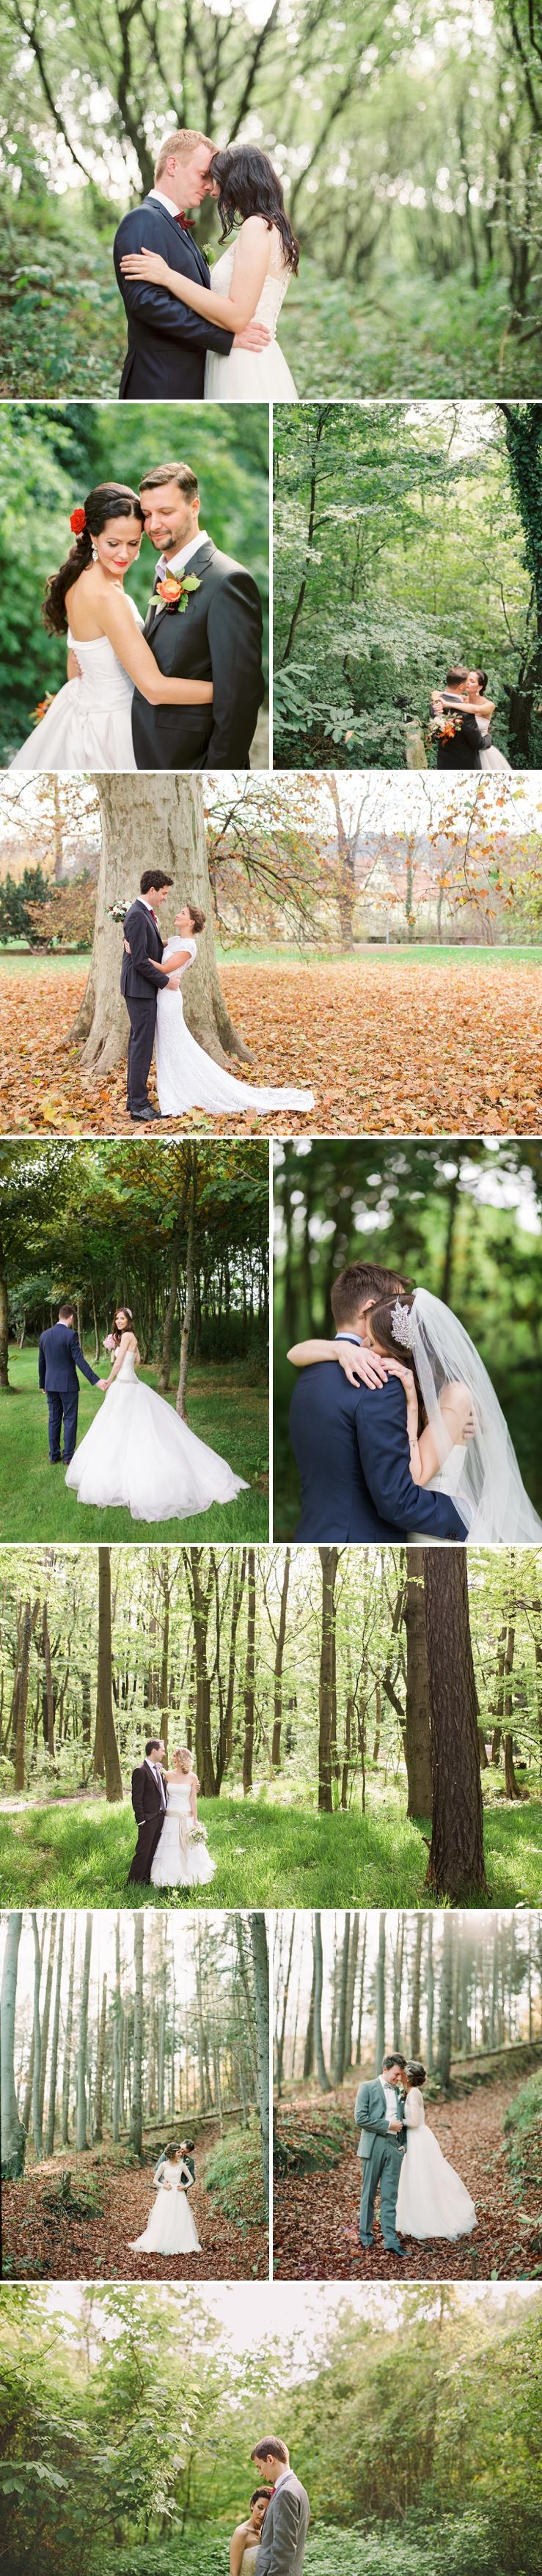 Perfect Day, svadba, slovensko, kde fotit svadobne portrety_0001